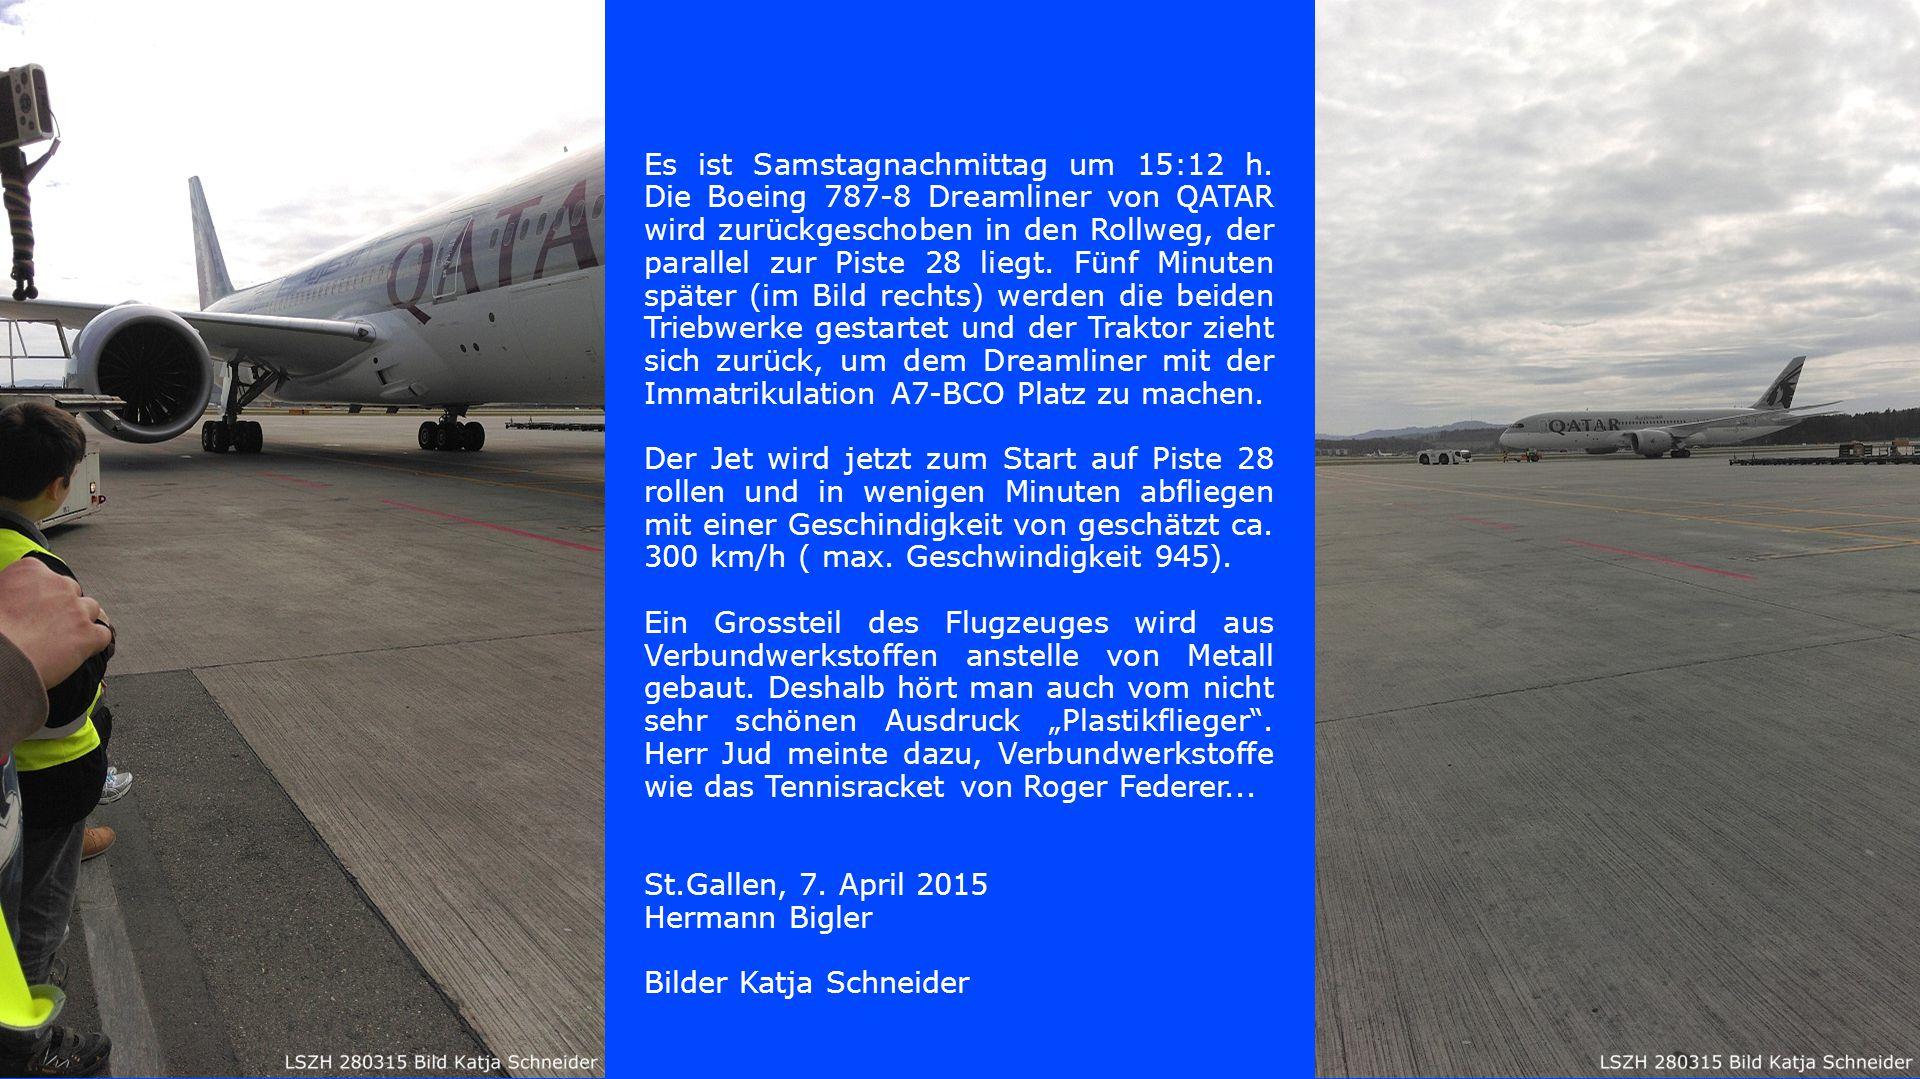 Es ist Samstagnachmittag um 15:12 h. Die Boeing 787-8 Dreamliner von QATAR wird zurückgeschoben in den Rollweg, der parallel zur Piste 28 liegt. Fünf